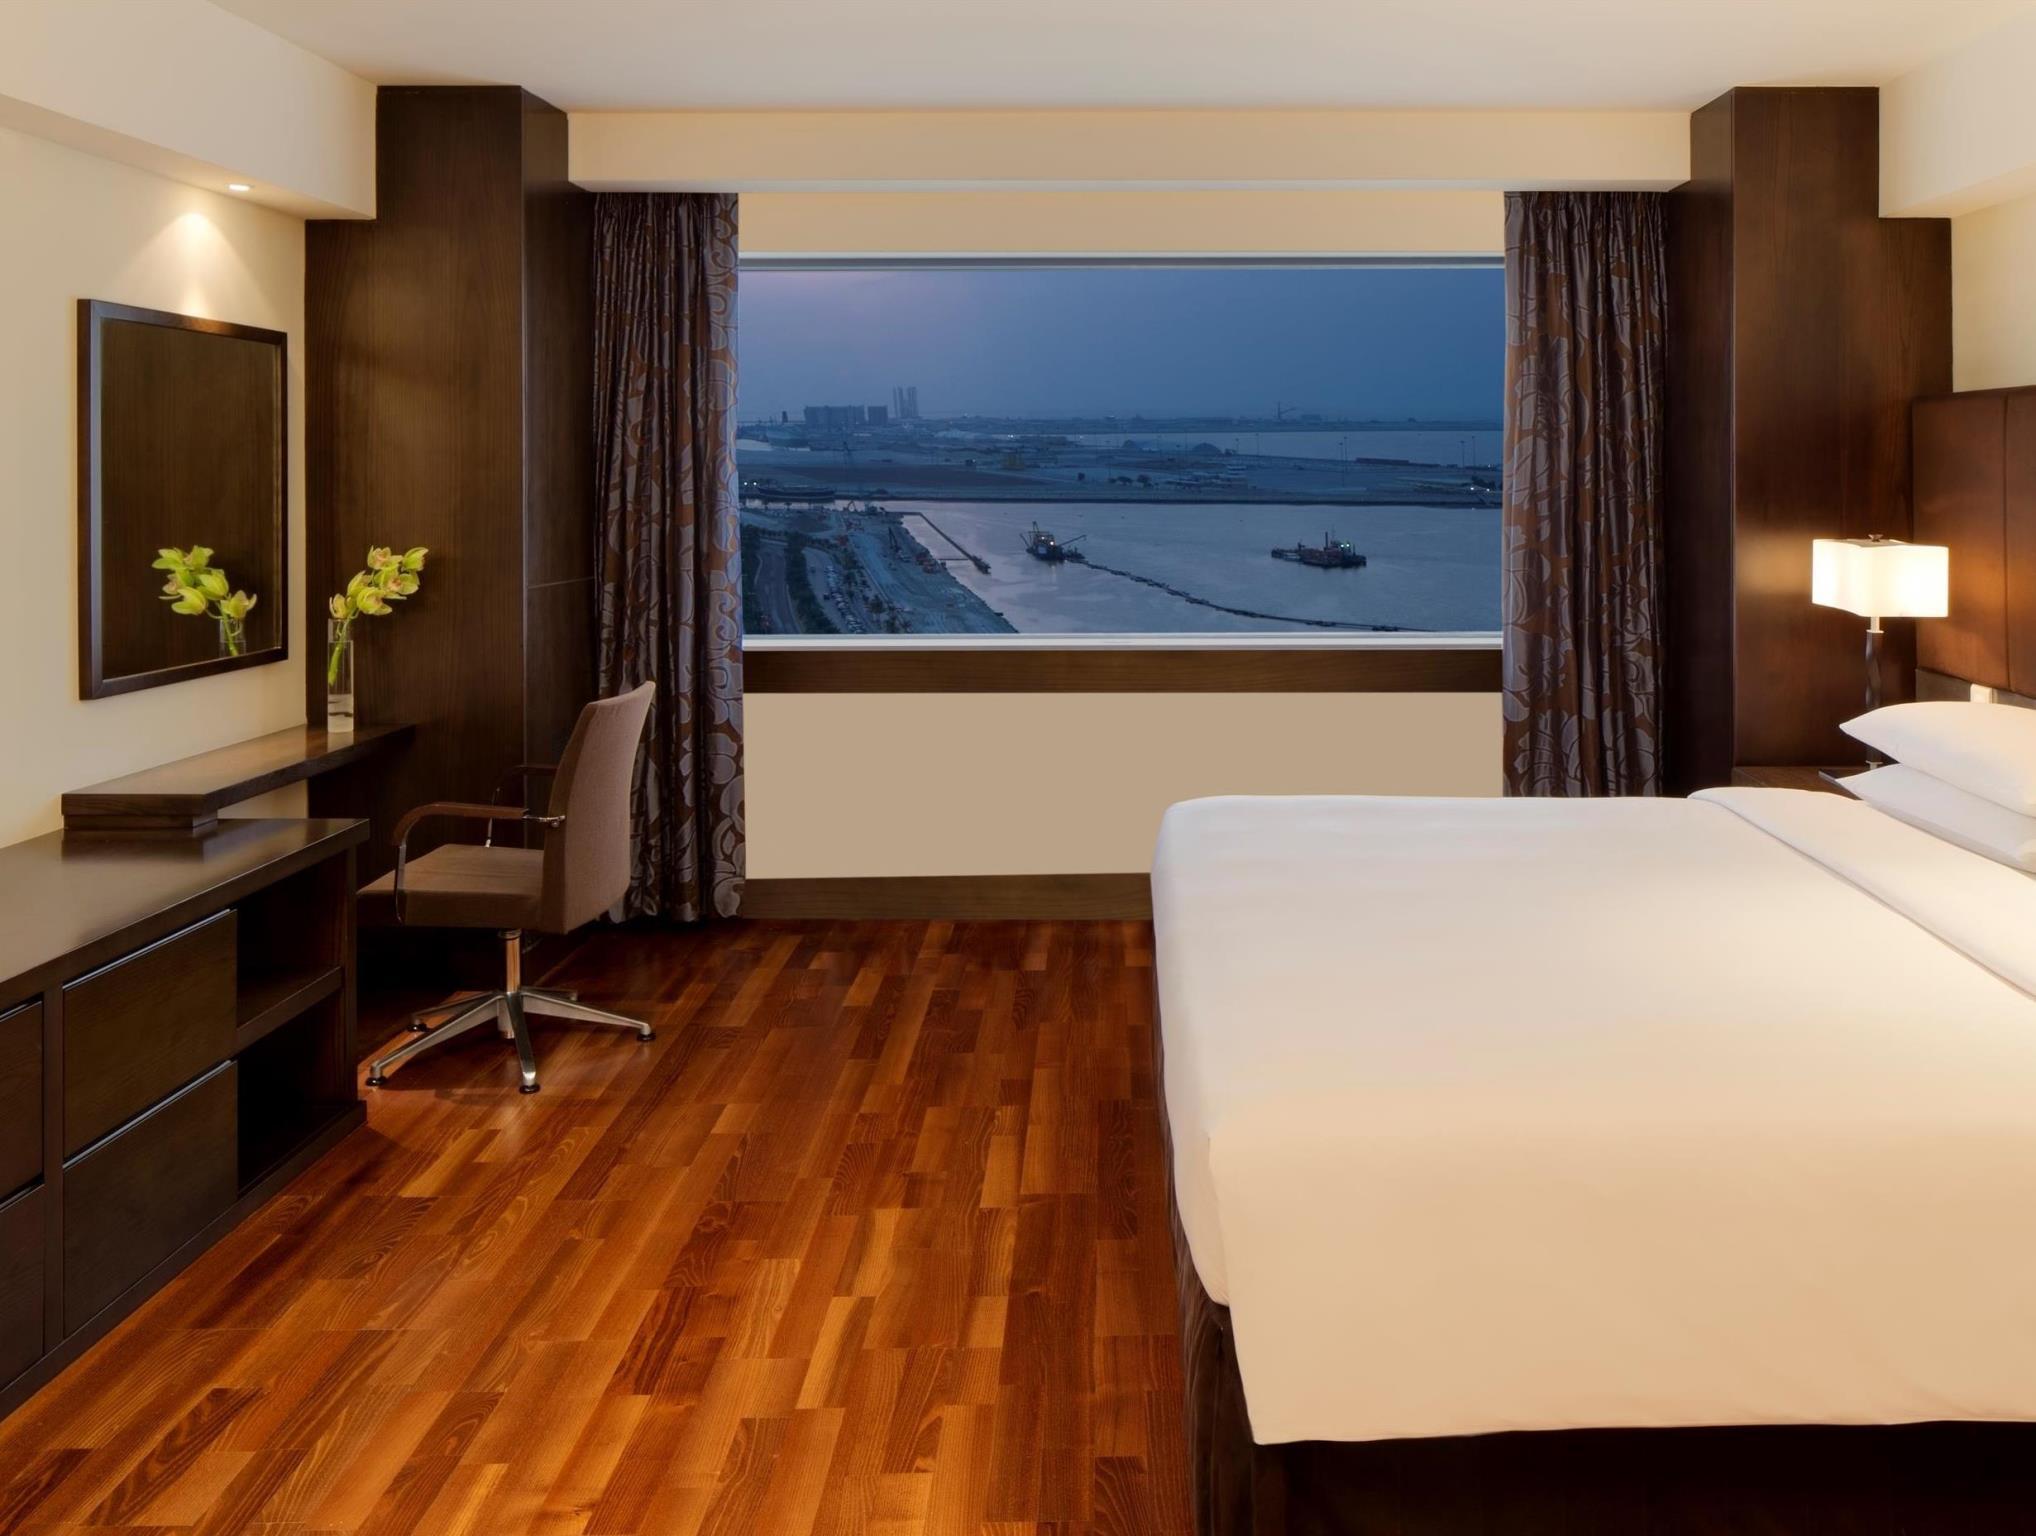 عروض 2020 محد ثة لـفندق حياة ريجنسي دبي في دبي بأسعار د إ 270 صور